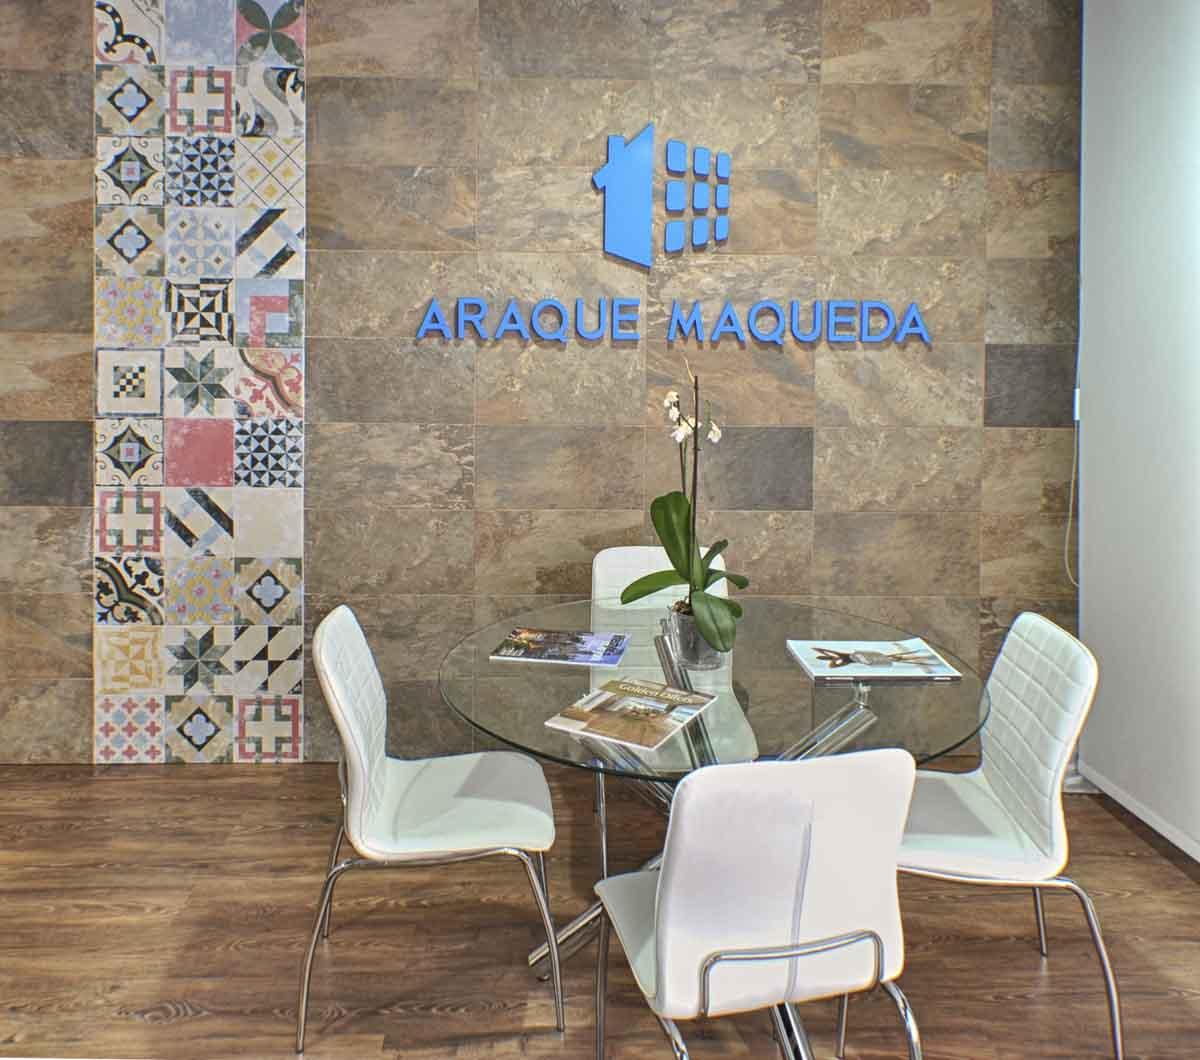 Mesa reuniones de Reforma de oficina en Alicante por Araque Maqueda